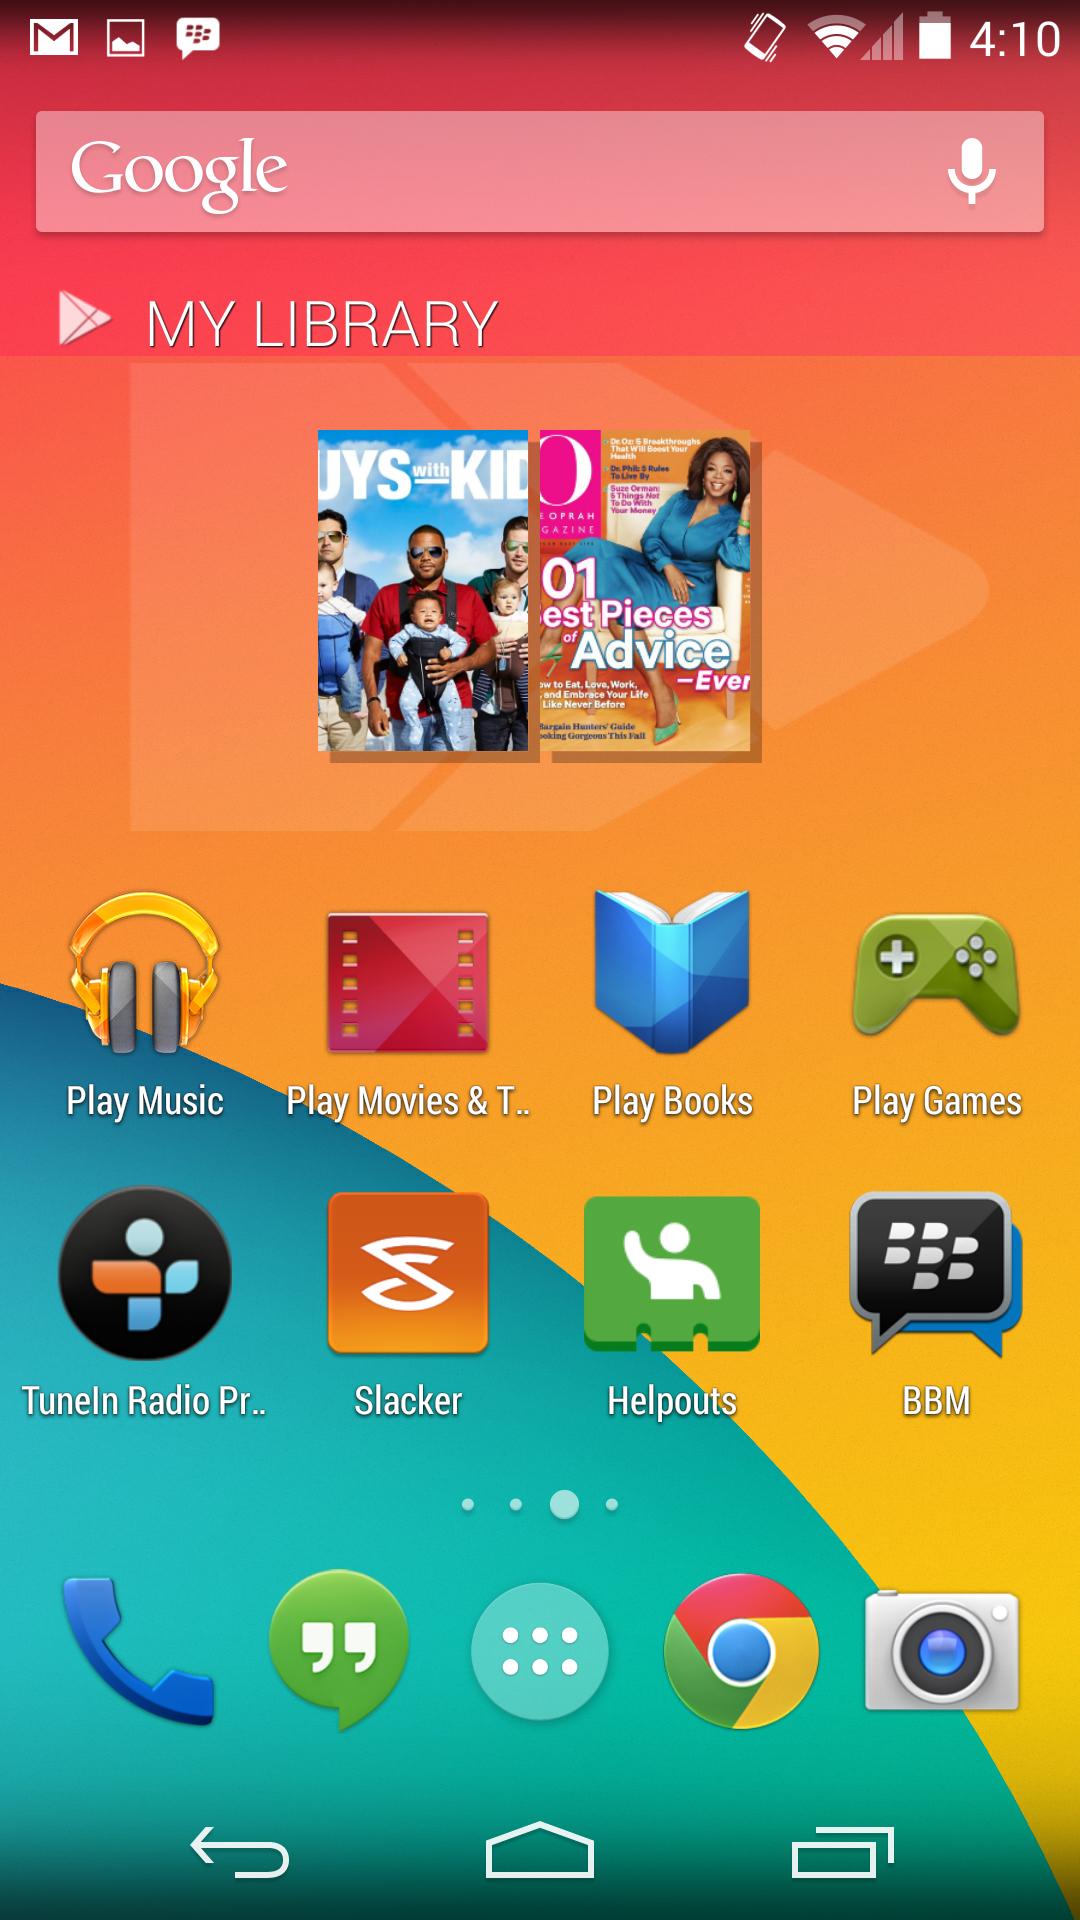 Google Nexus 5 Smartphone Review